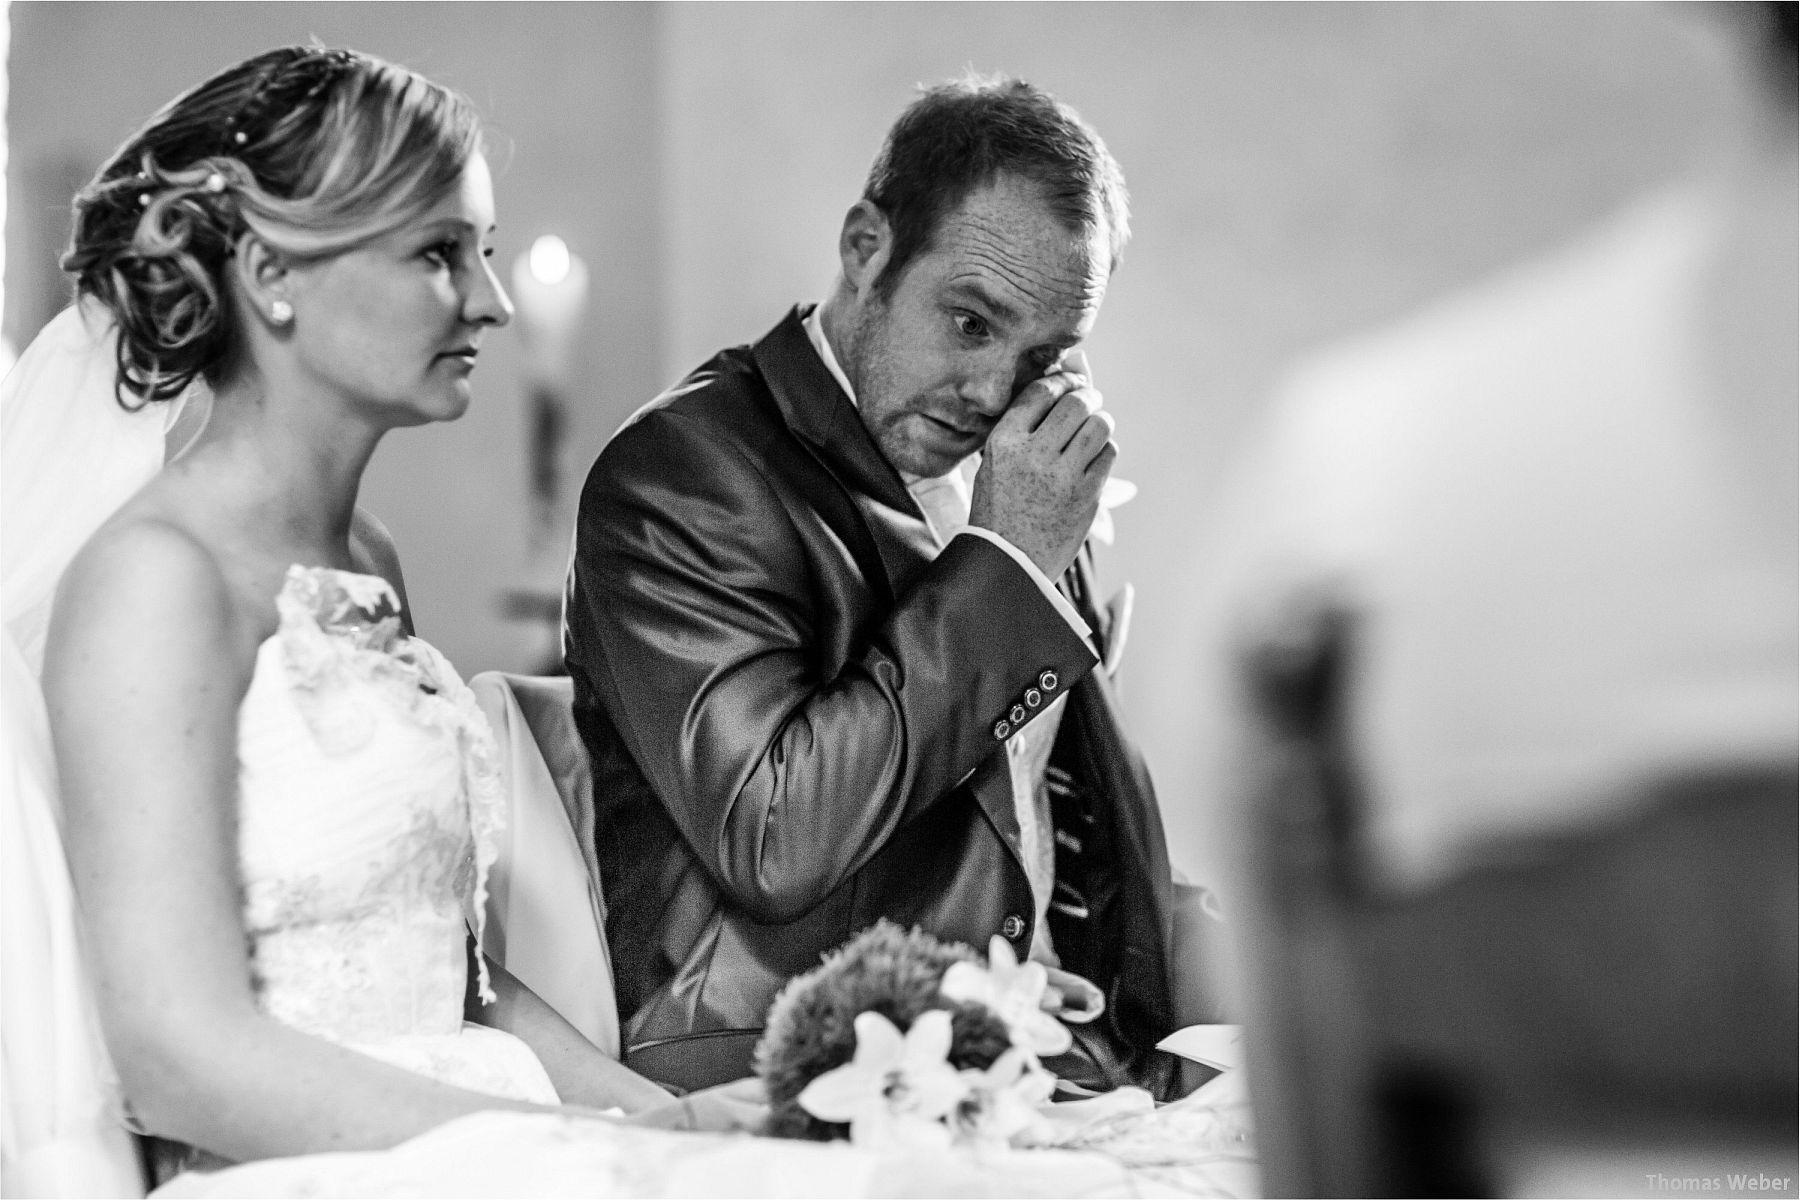 Hochzeitsfotograf Papenburg: Standesamtliche Trauung auf der Burg Kniphausen und Feier im Le Patron am Meer (41)